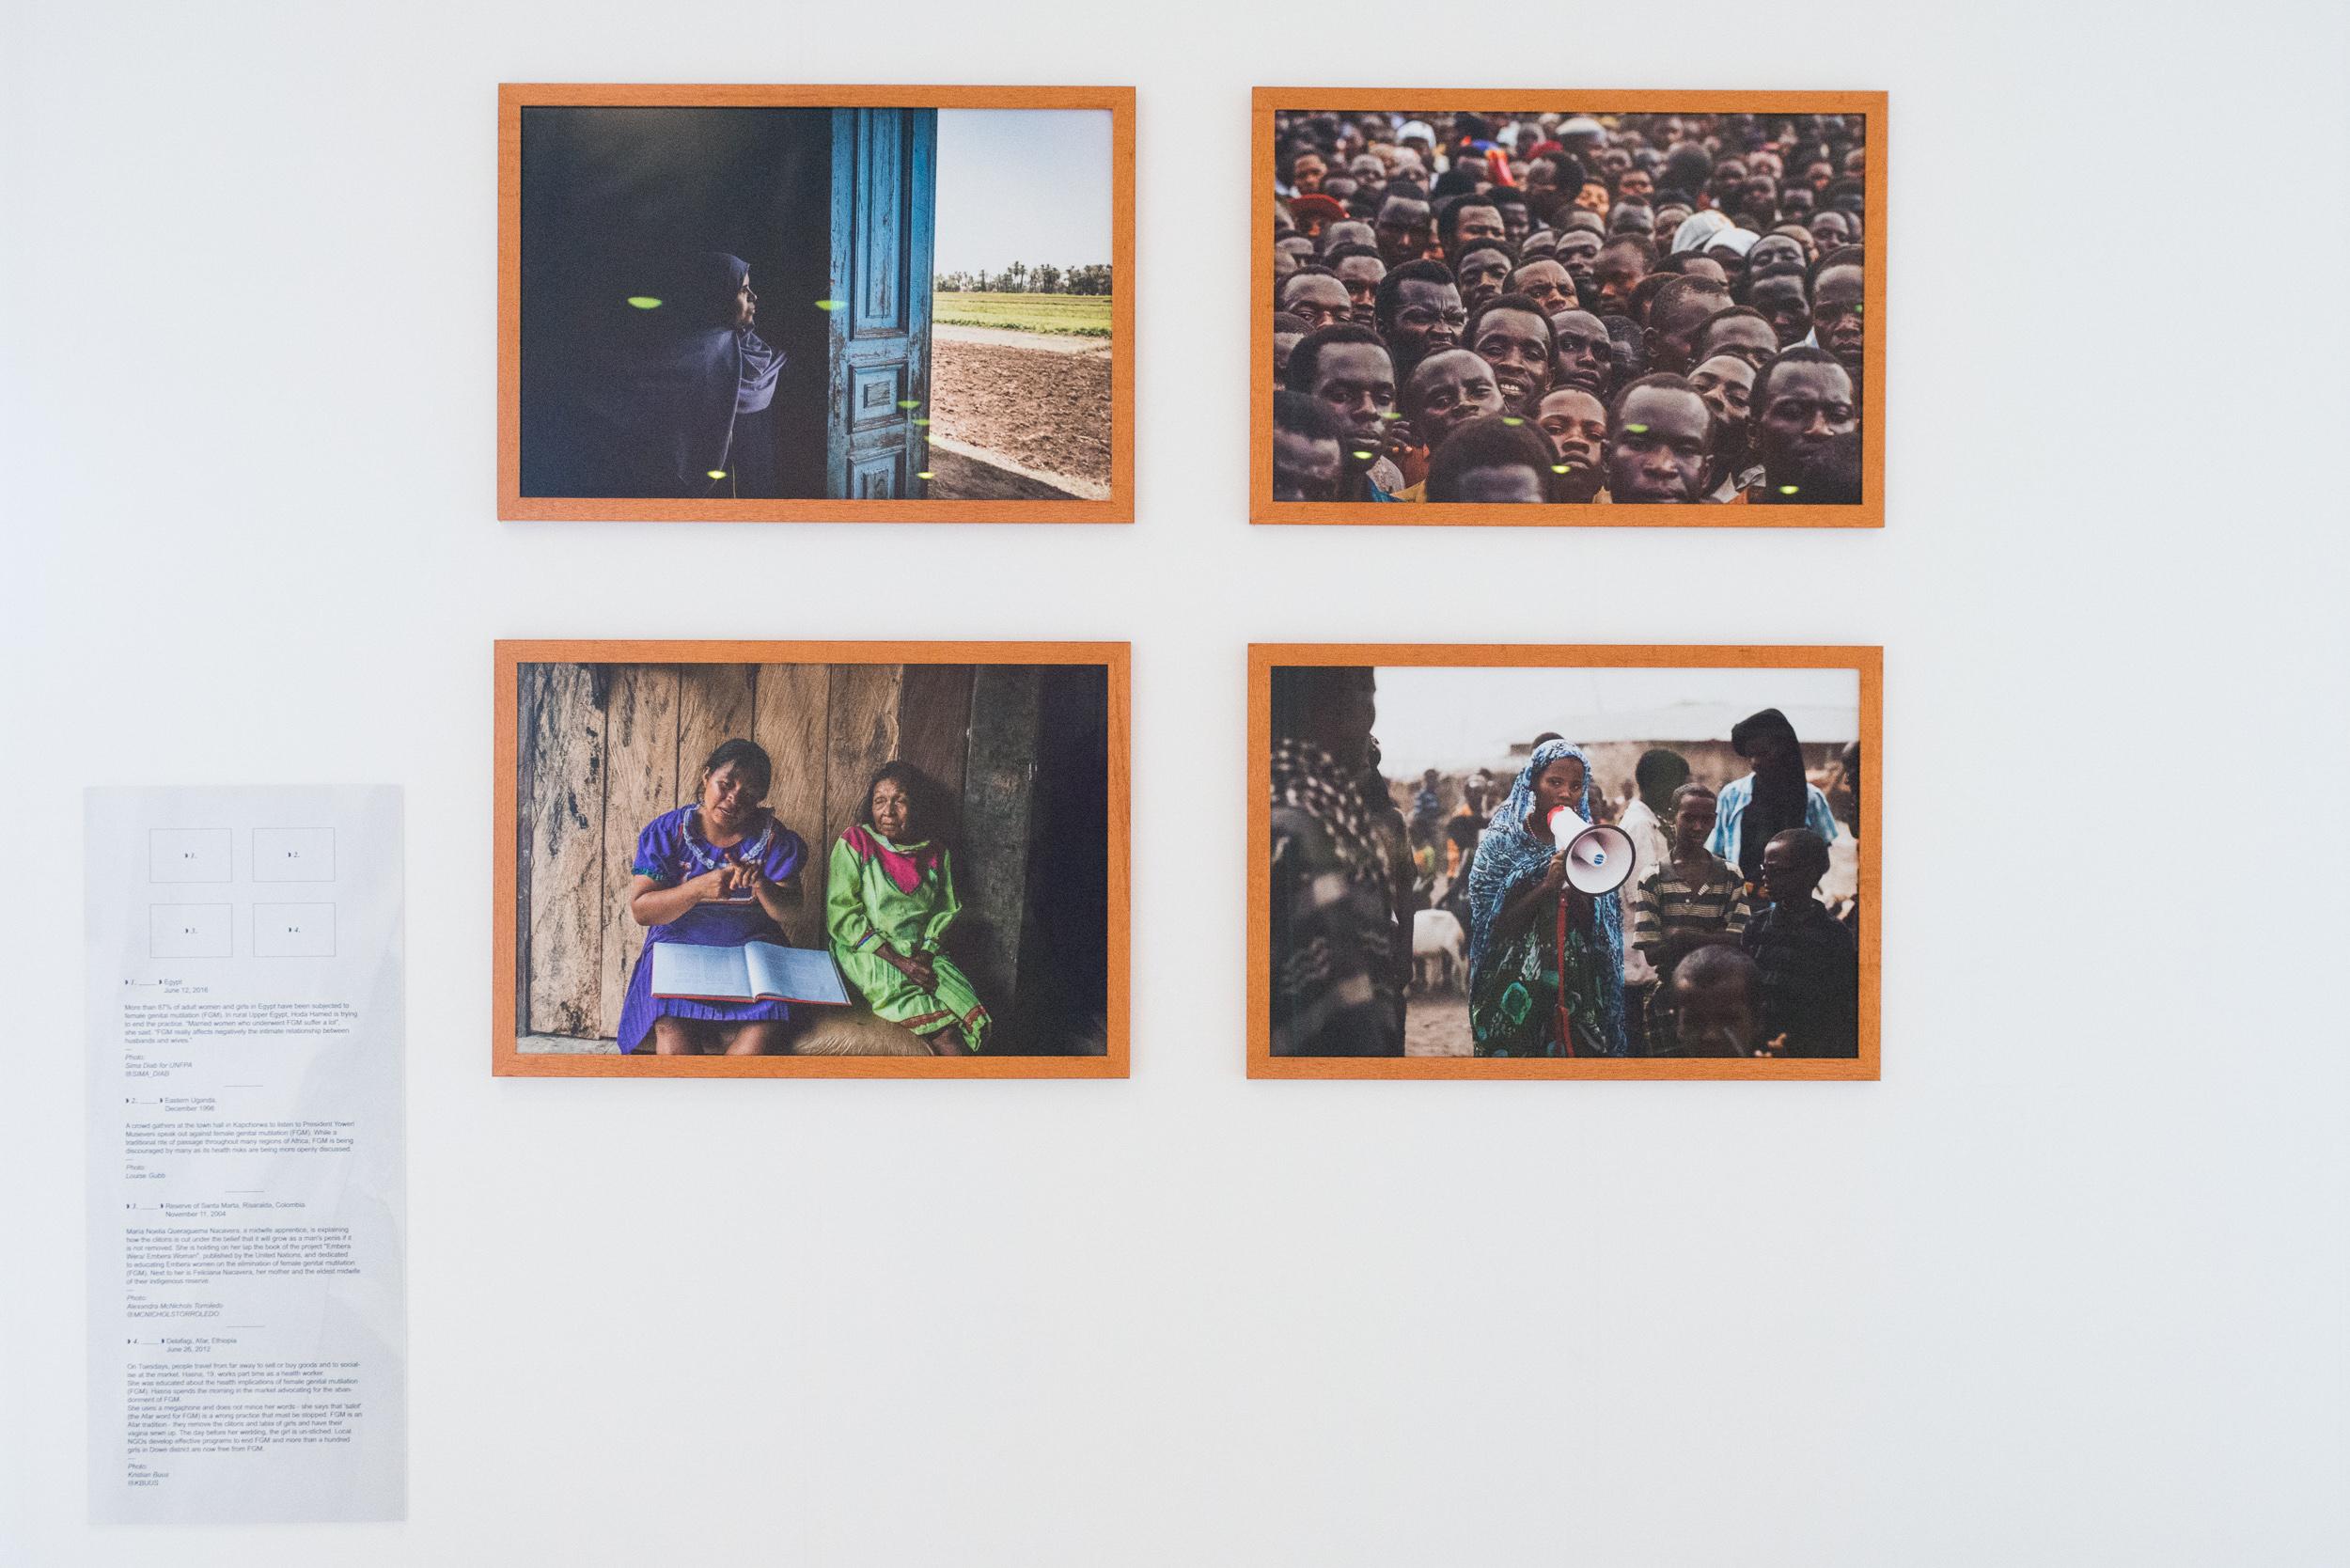 12_20190205-EndFGM Dysturb UNFPA-2707.jpg